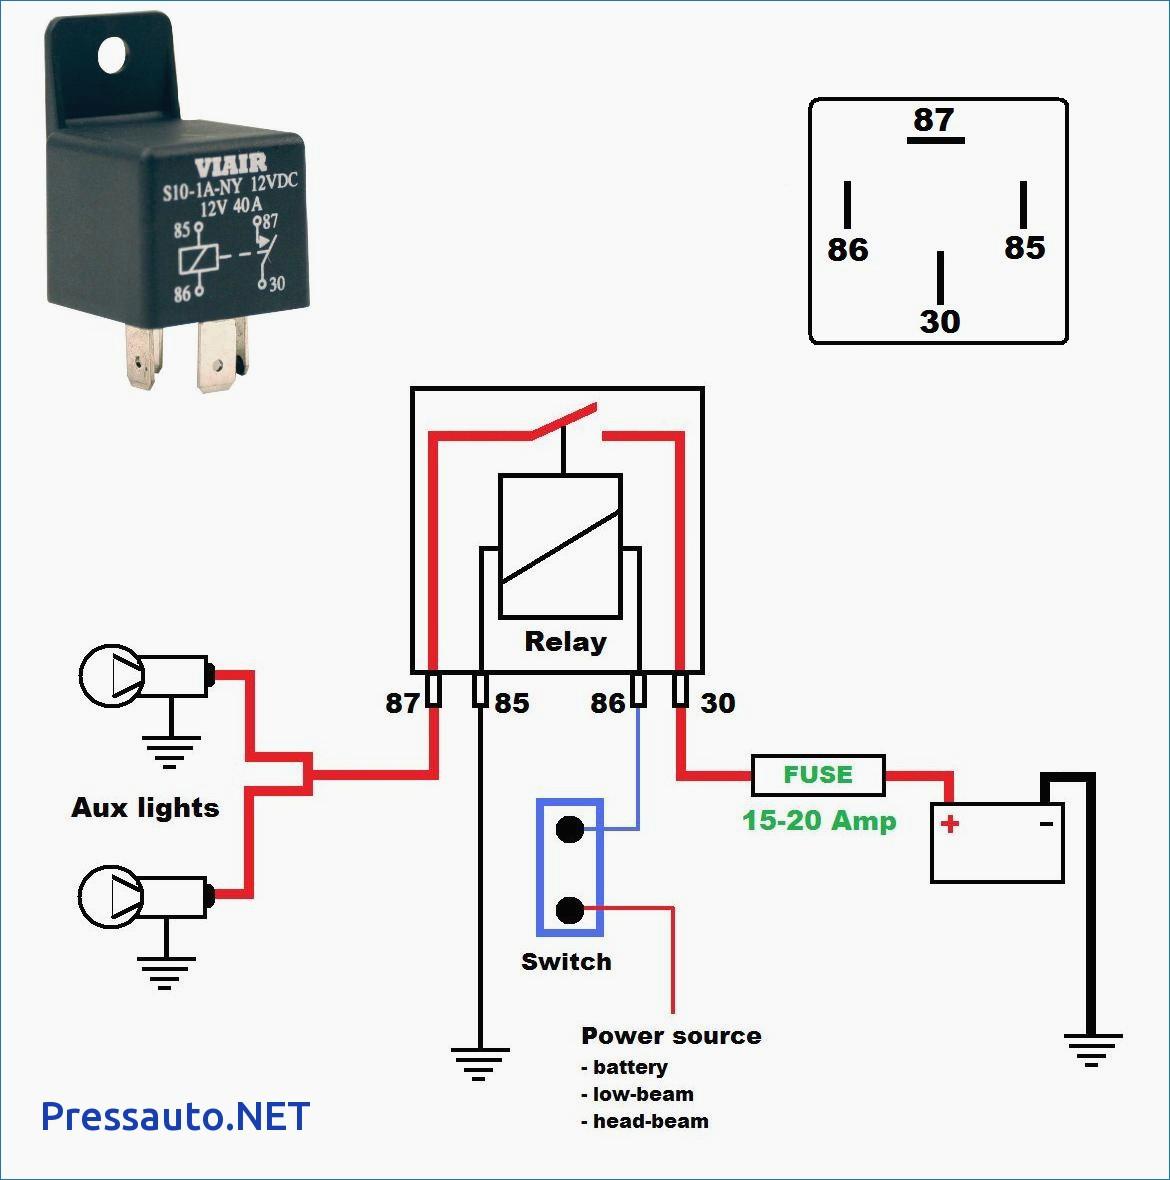 Relay For Fog Lights Wiring Diagram - Allove - Fog Light Wiring Diagram